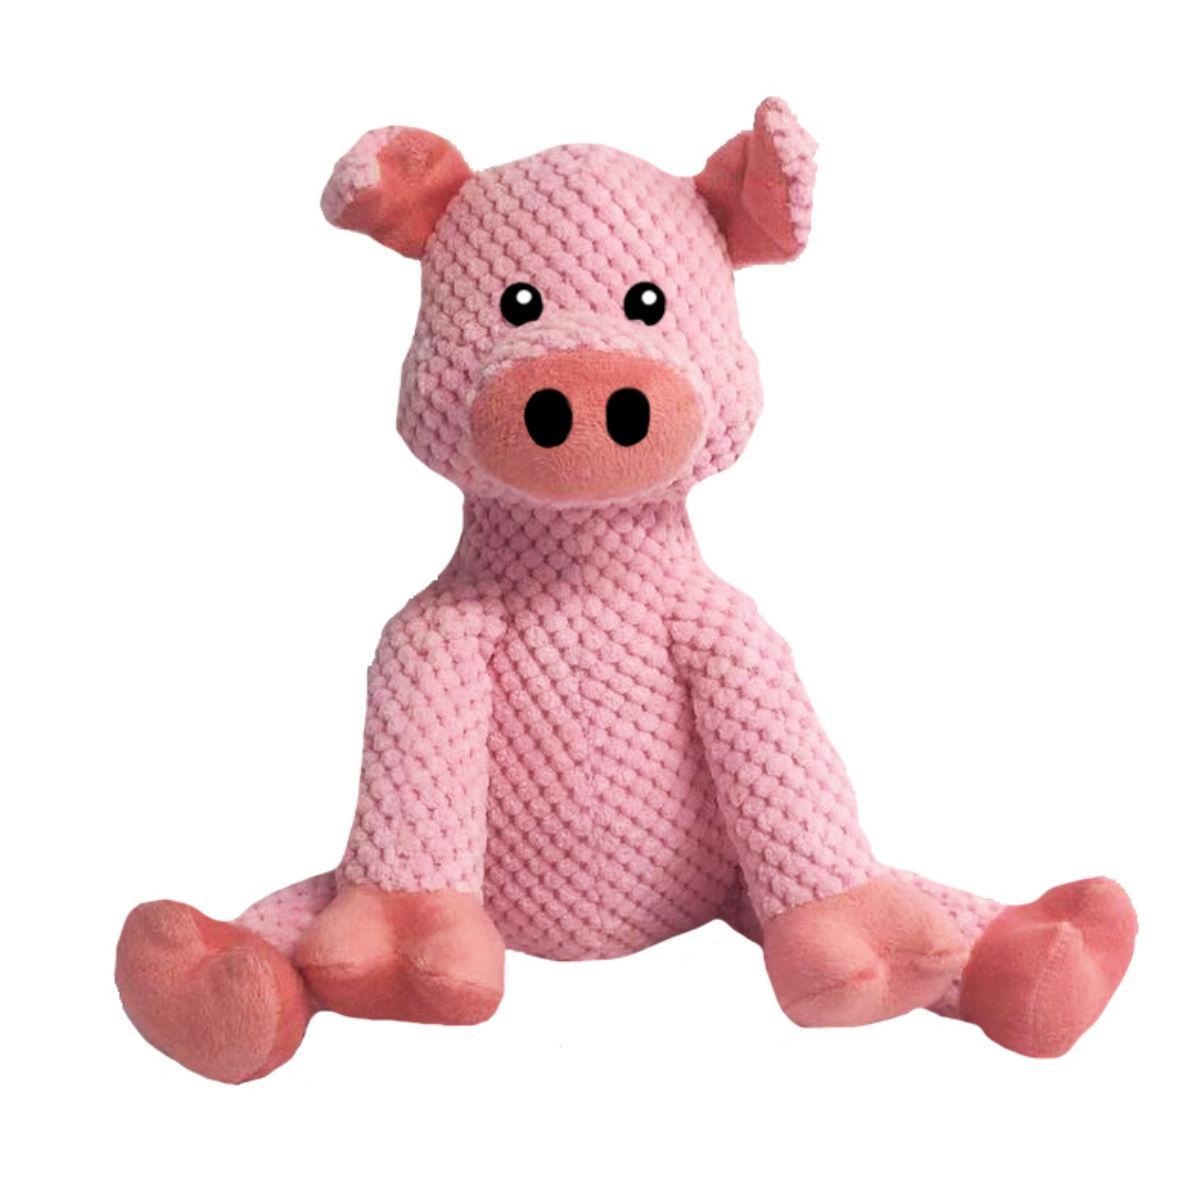 fabdog® Floppy Friends Dog Toy - Pig